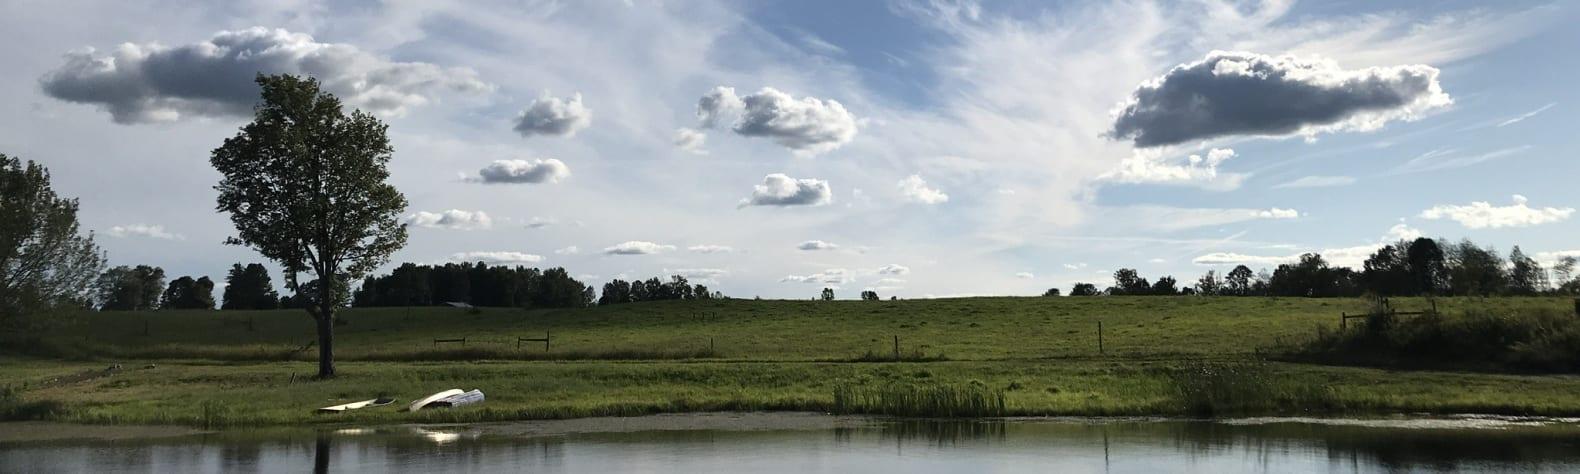 Ken B.'s Land